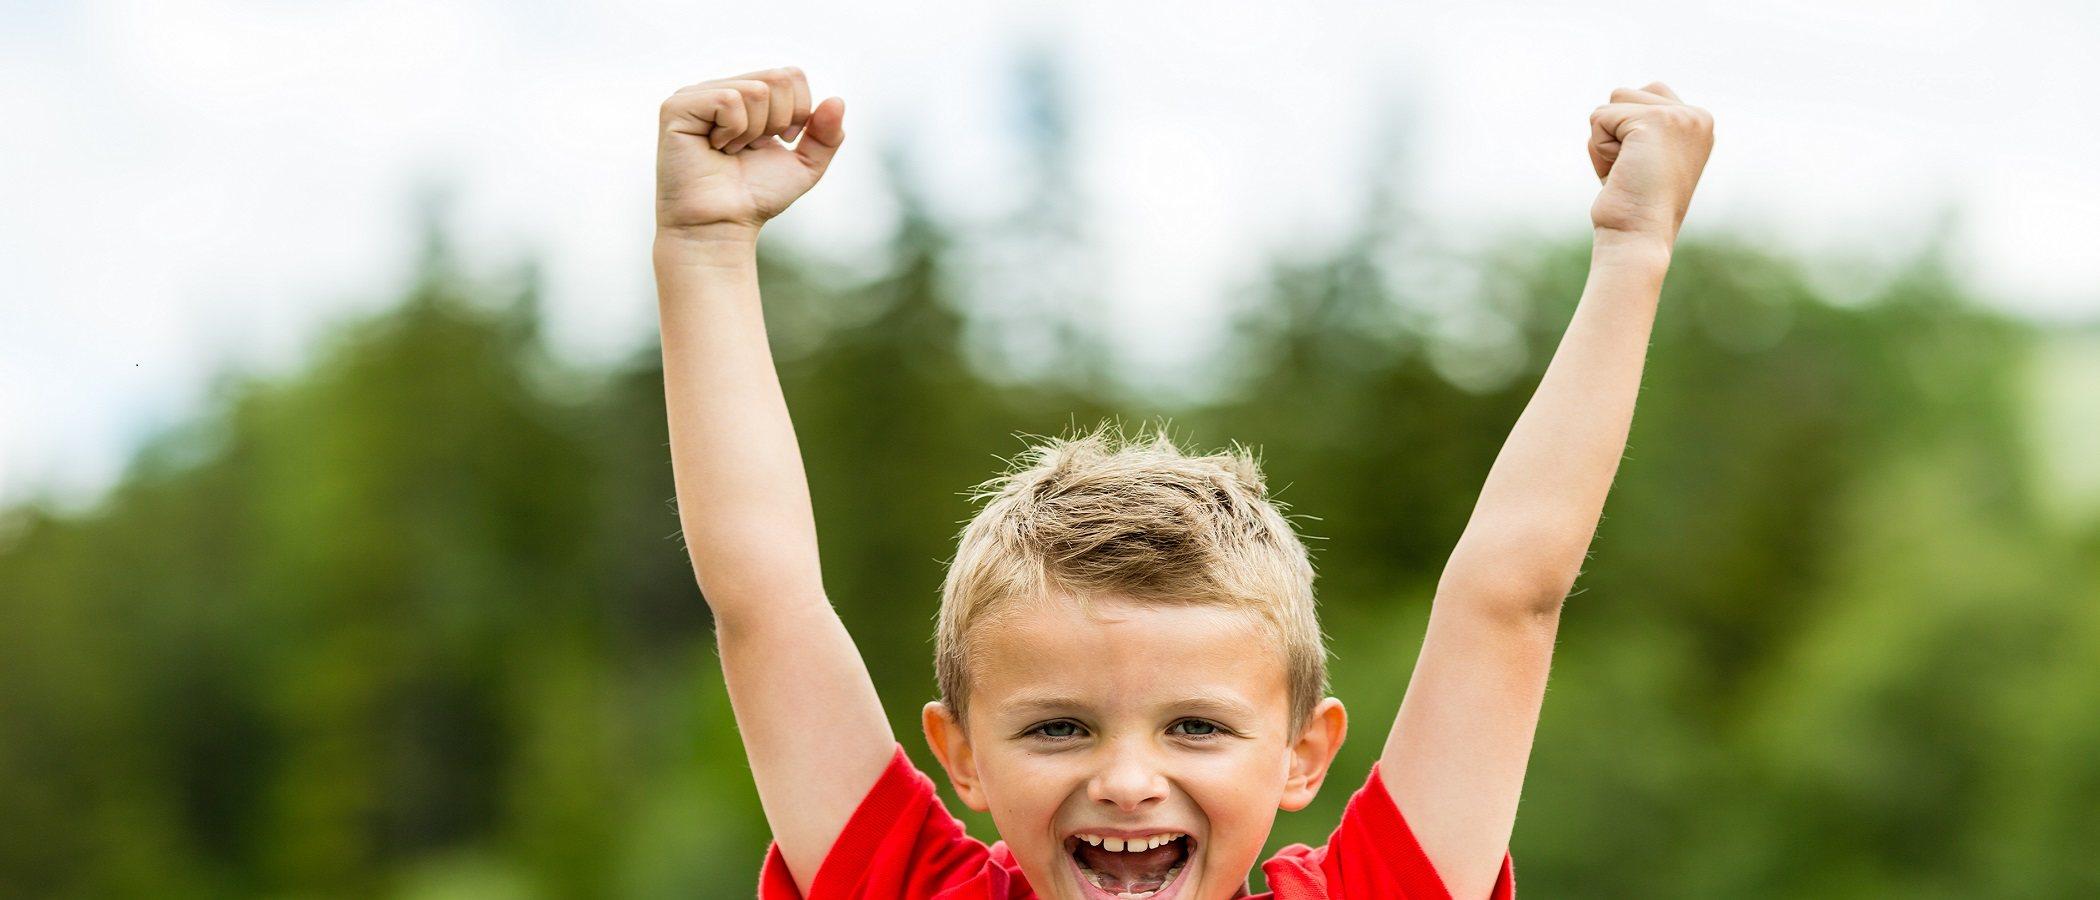 Claves para potenciar la autoestima de tus hijos